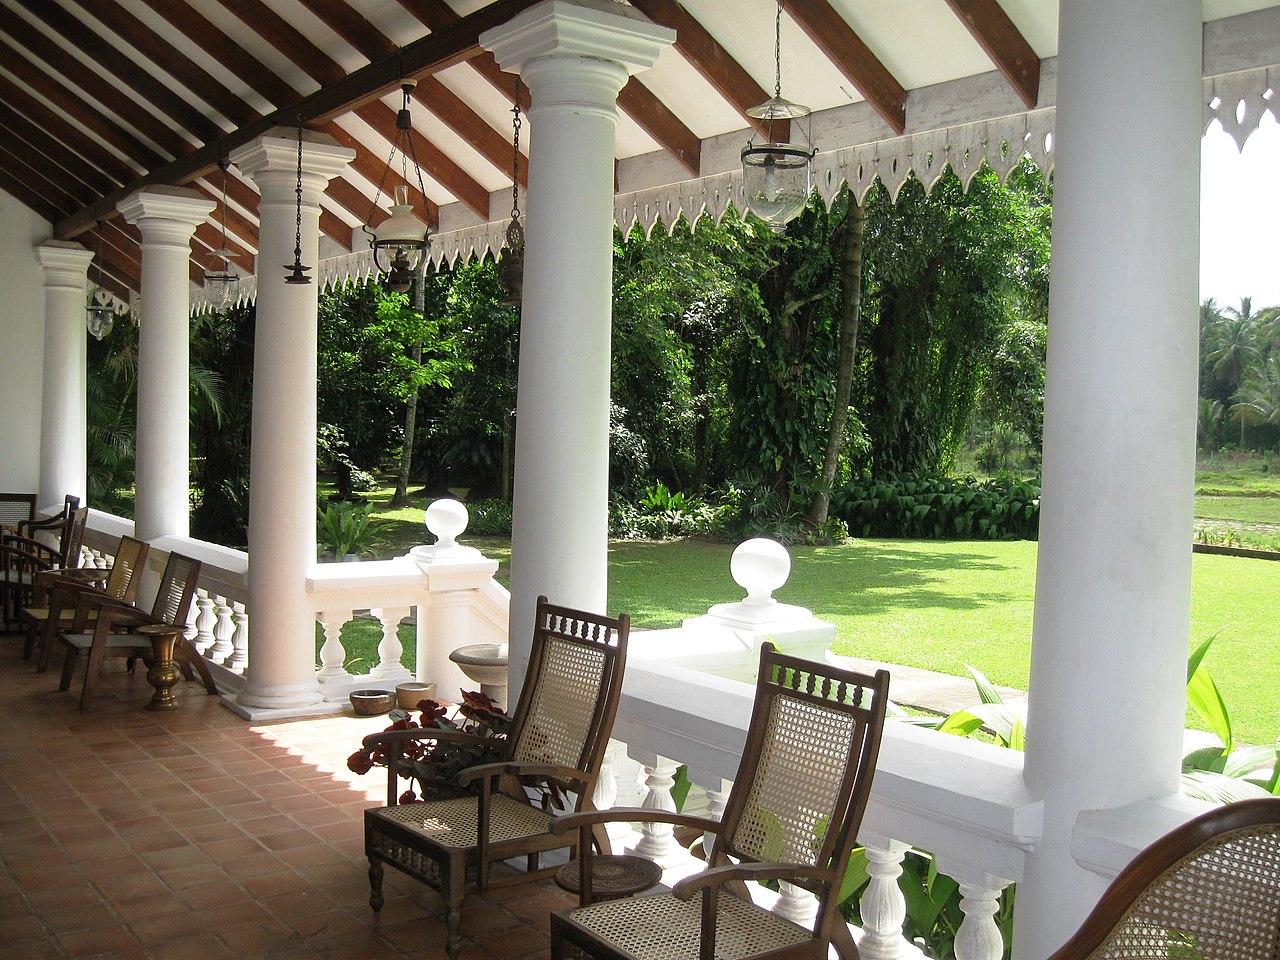 File:Veranda of Meeduma Walauwa, Rambukkana..jpg ...